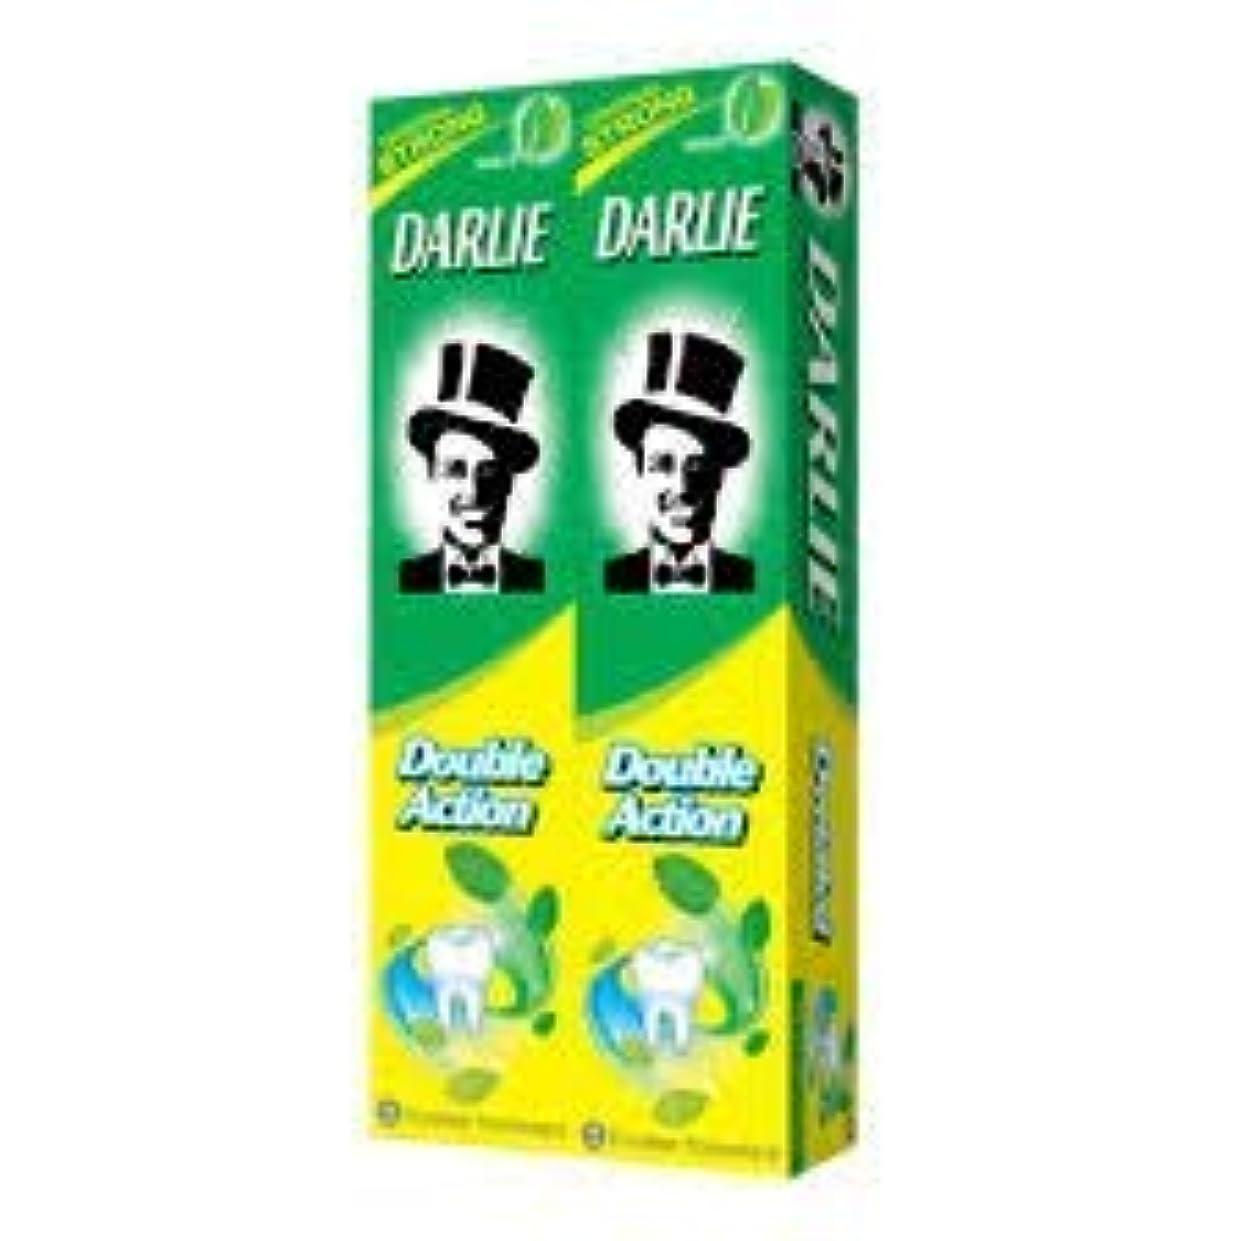 狂う私たち香水DARLIE 歯磨き粉2×225gの複動GWPは、より永続的な新鮮な息12時間-gives - 口腔細菌を減少させるのに有効